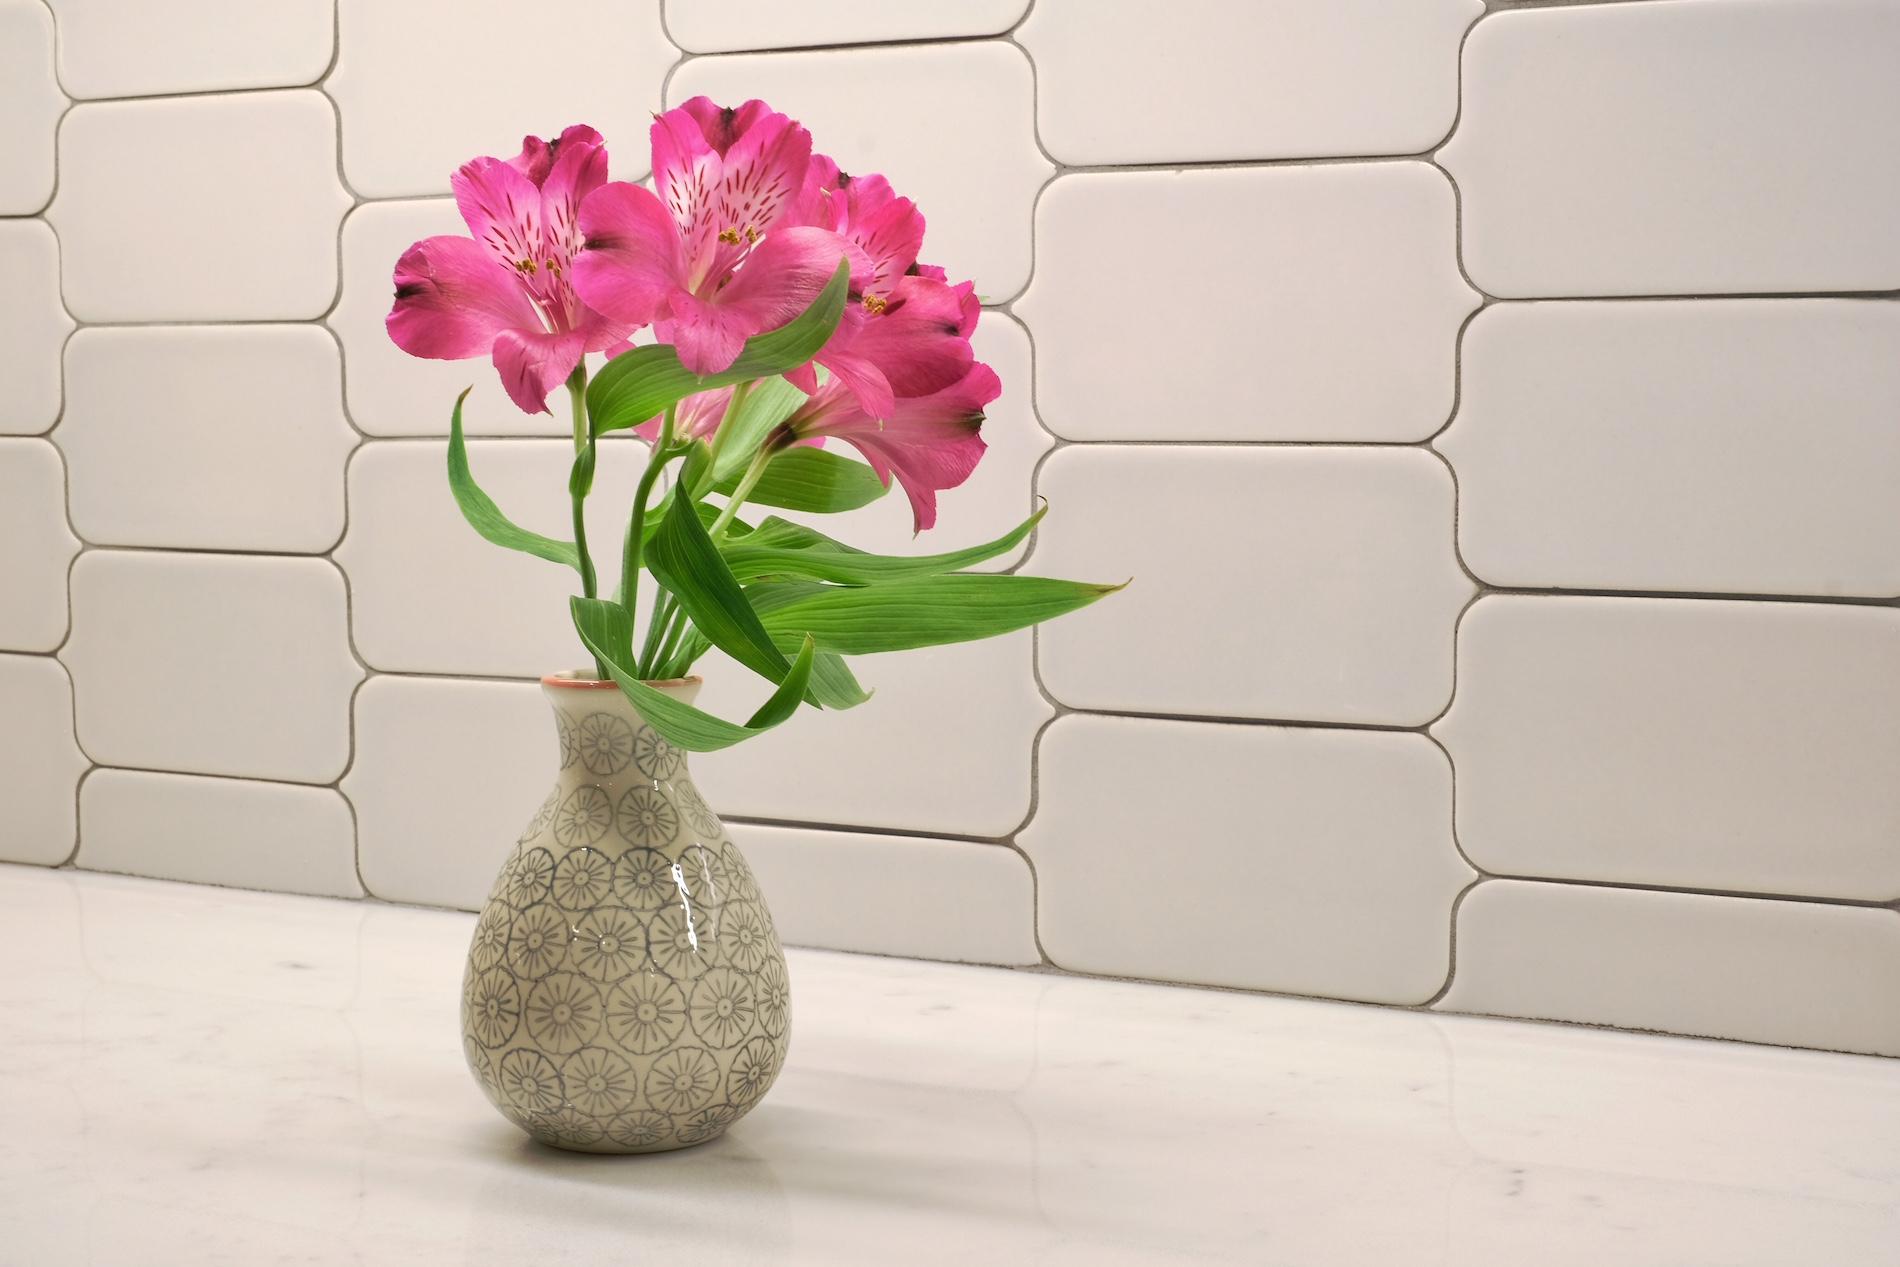 handmade paddle tile backsplash, white quartz counter tops, flowers